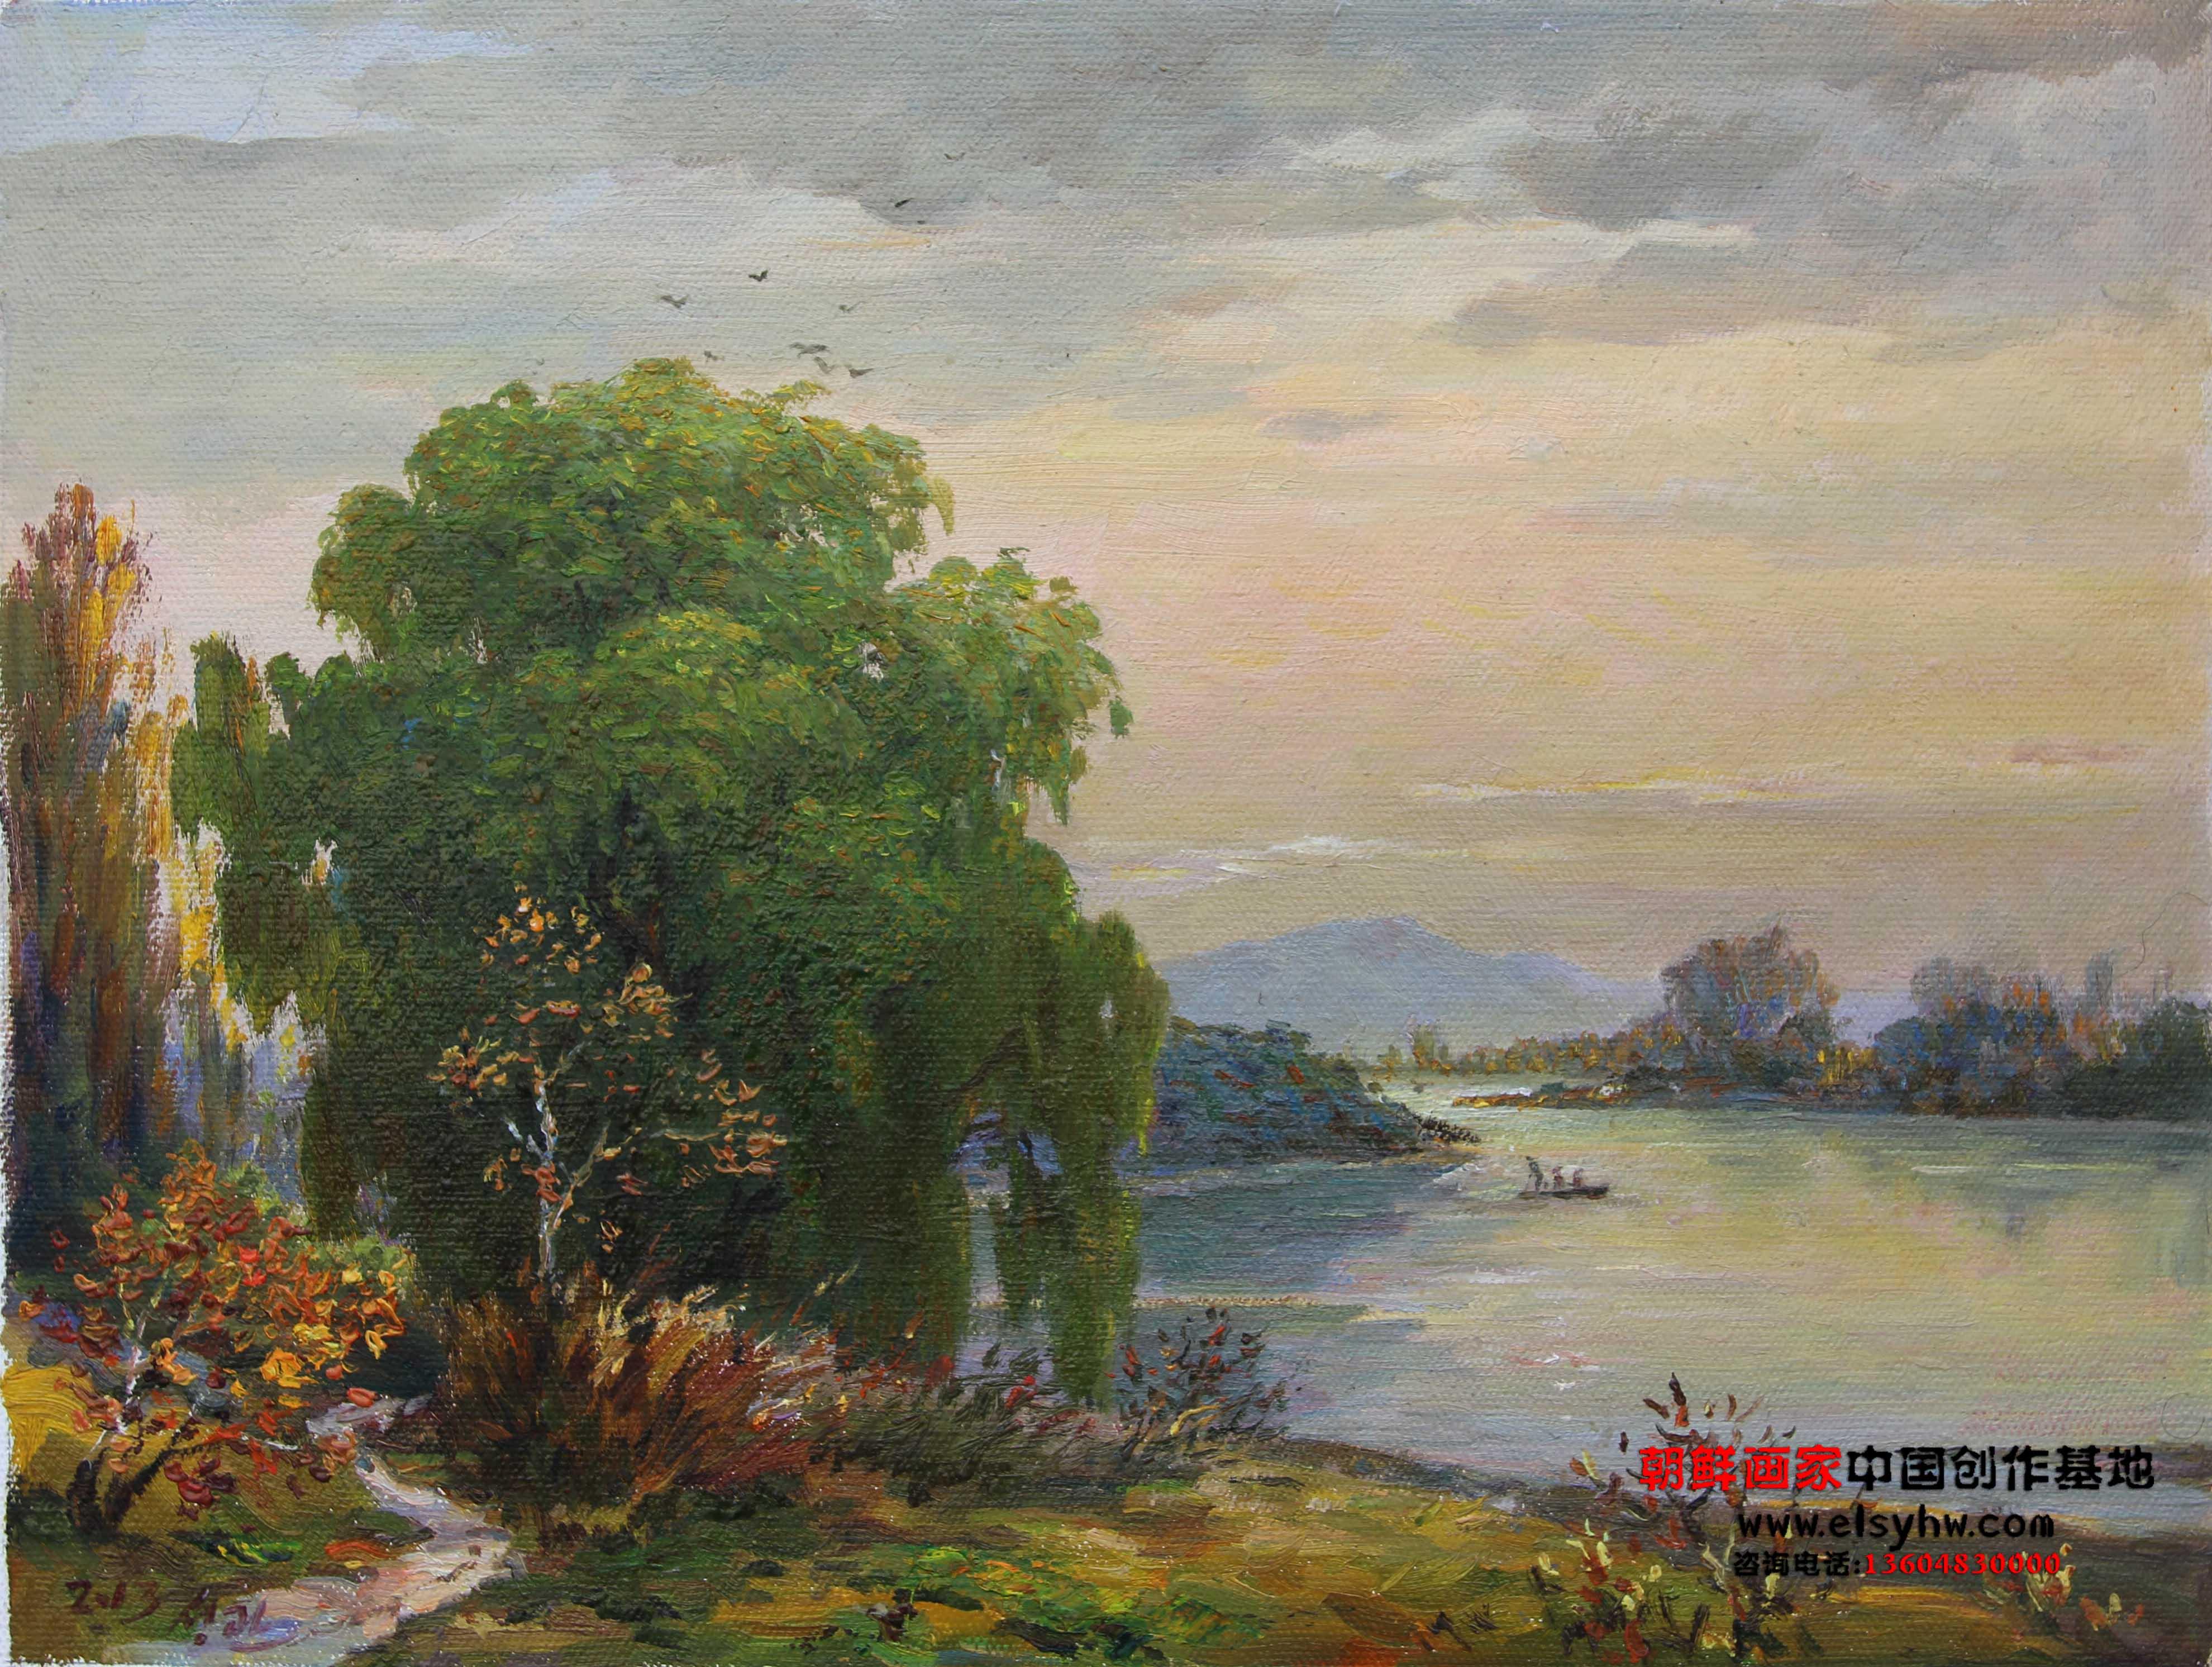 五月朝鲜展览总局配发给画家创作基地的第一批作品